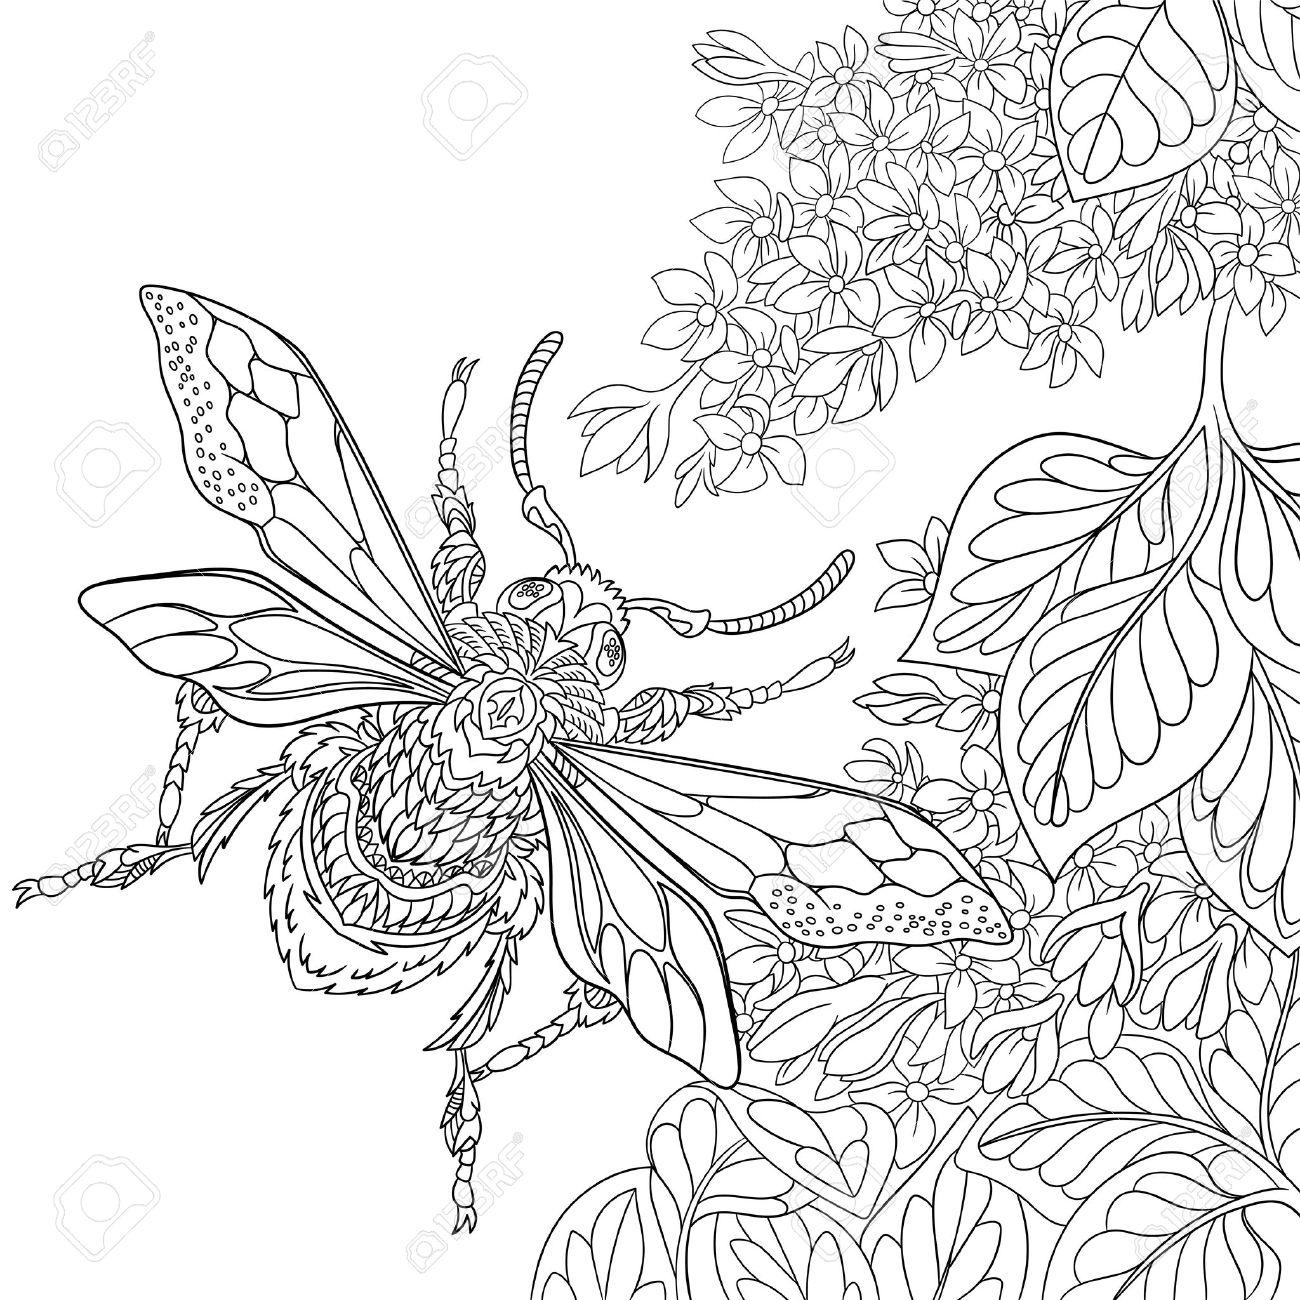 Coloriage Fleur Insecte.Dendroctone Du Dessin Stylise Insecte Volant Autour Des Fleurs De